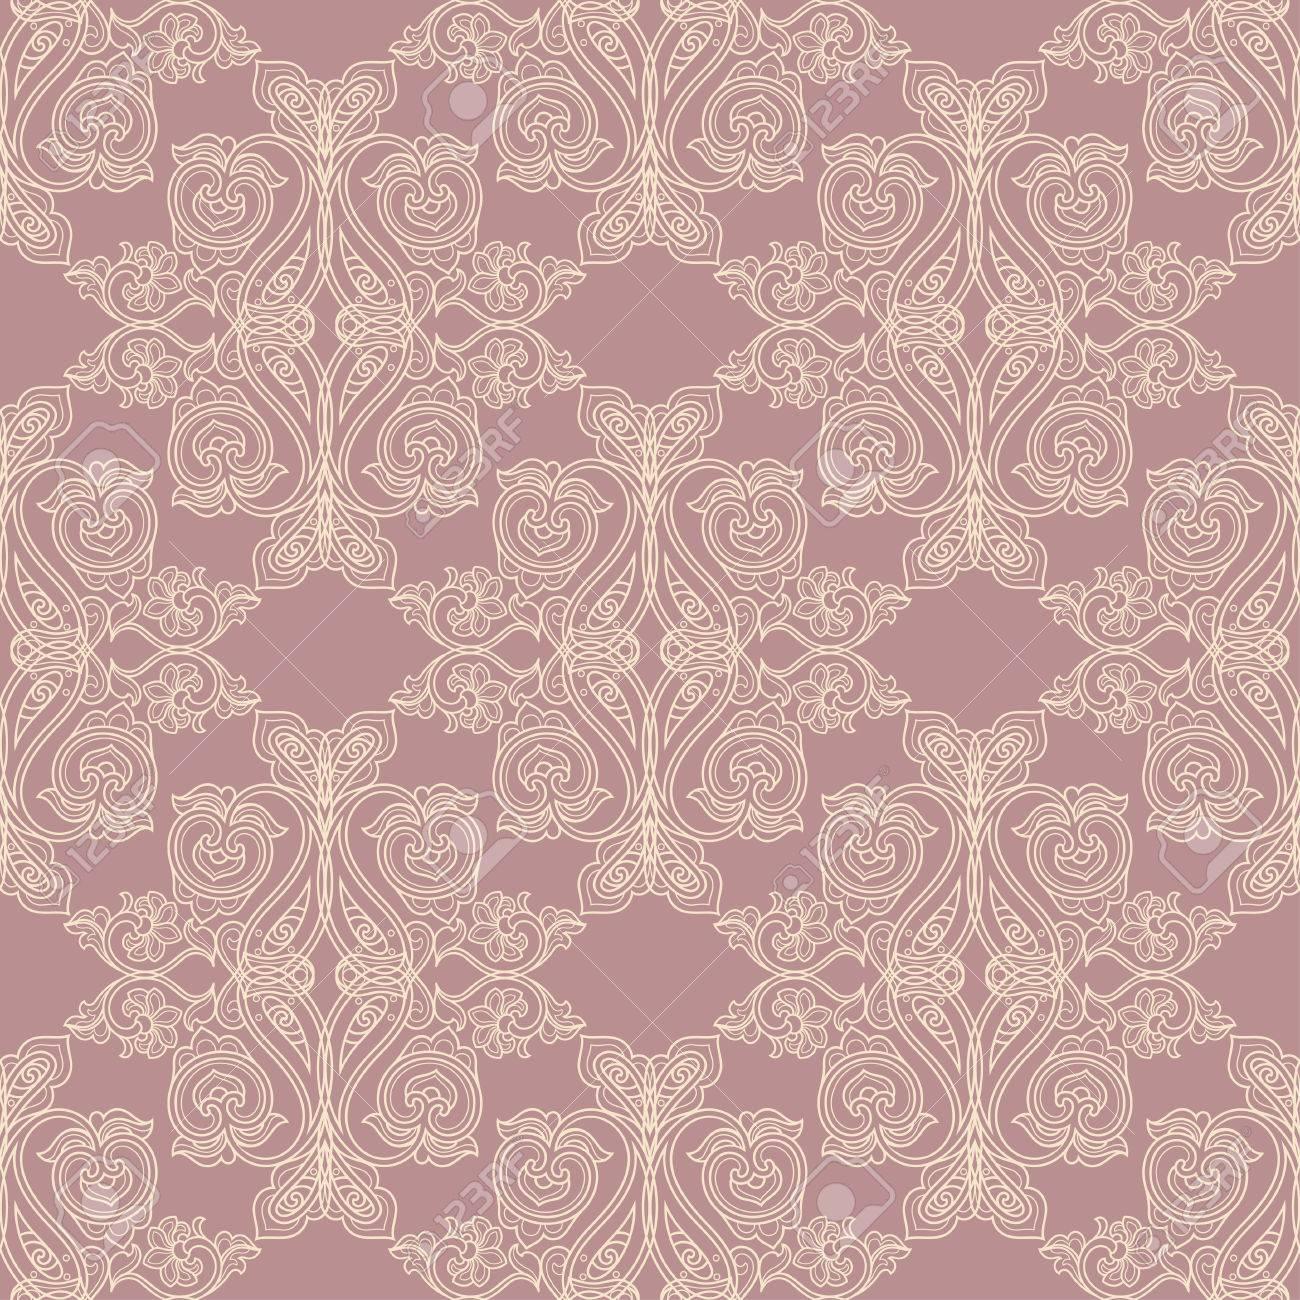 Vettoriale Rosa E Beige Antico Barocco Modello Depoca Senza